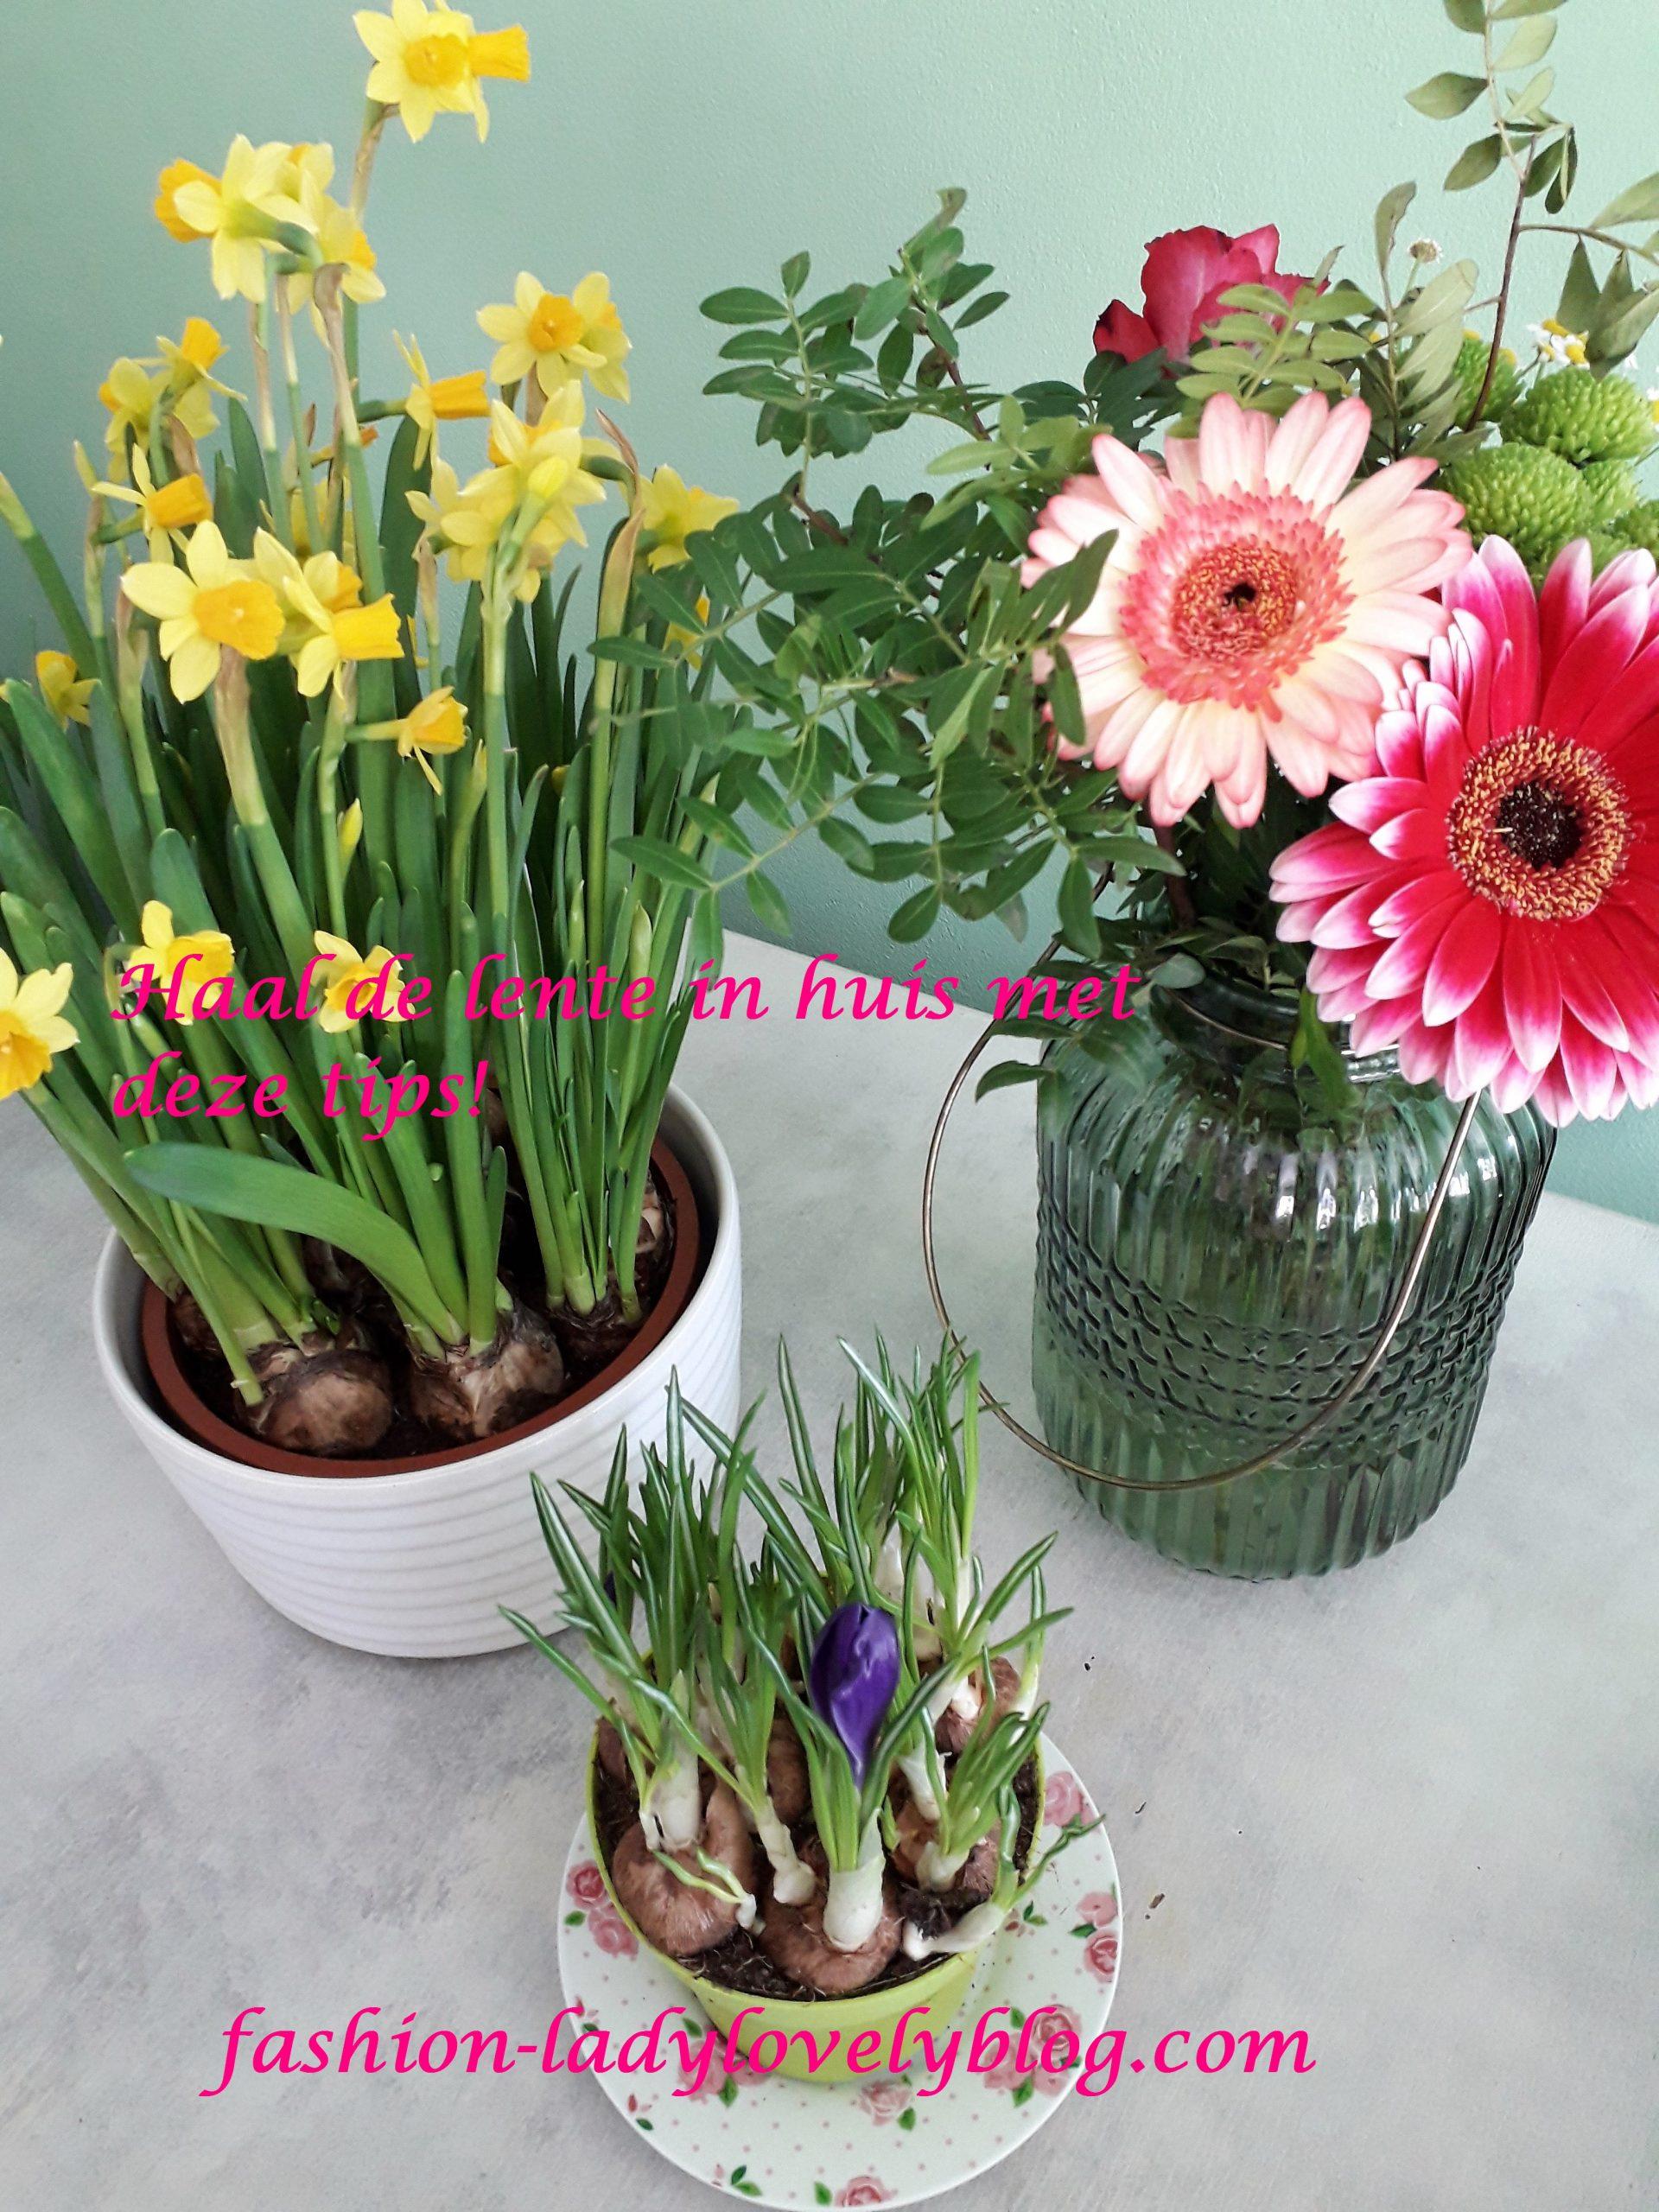 Haal de lente in huis met deze tips